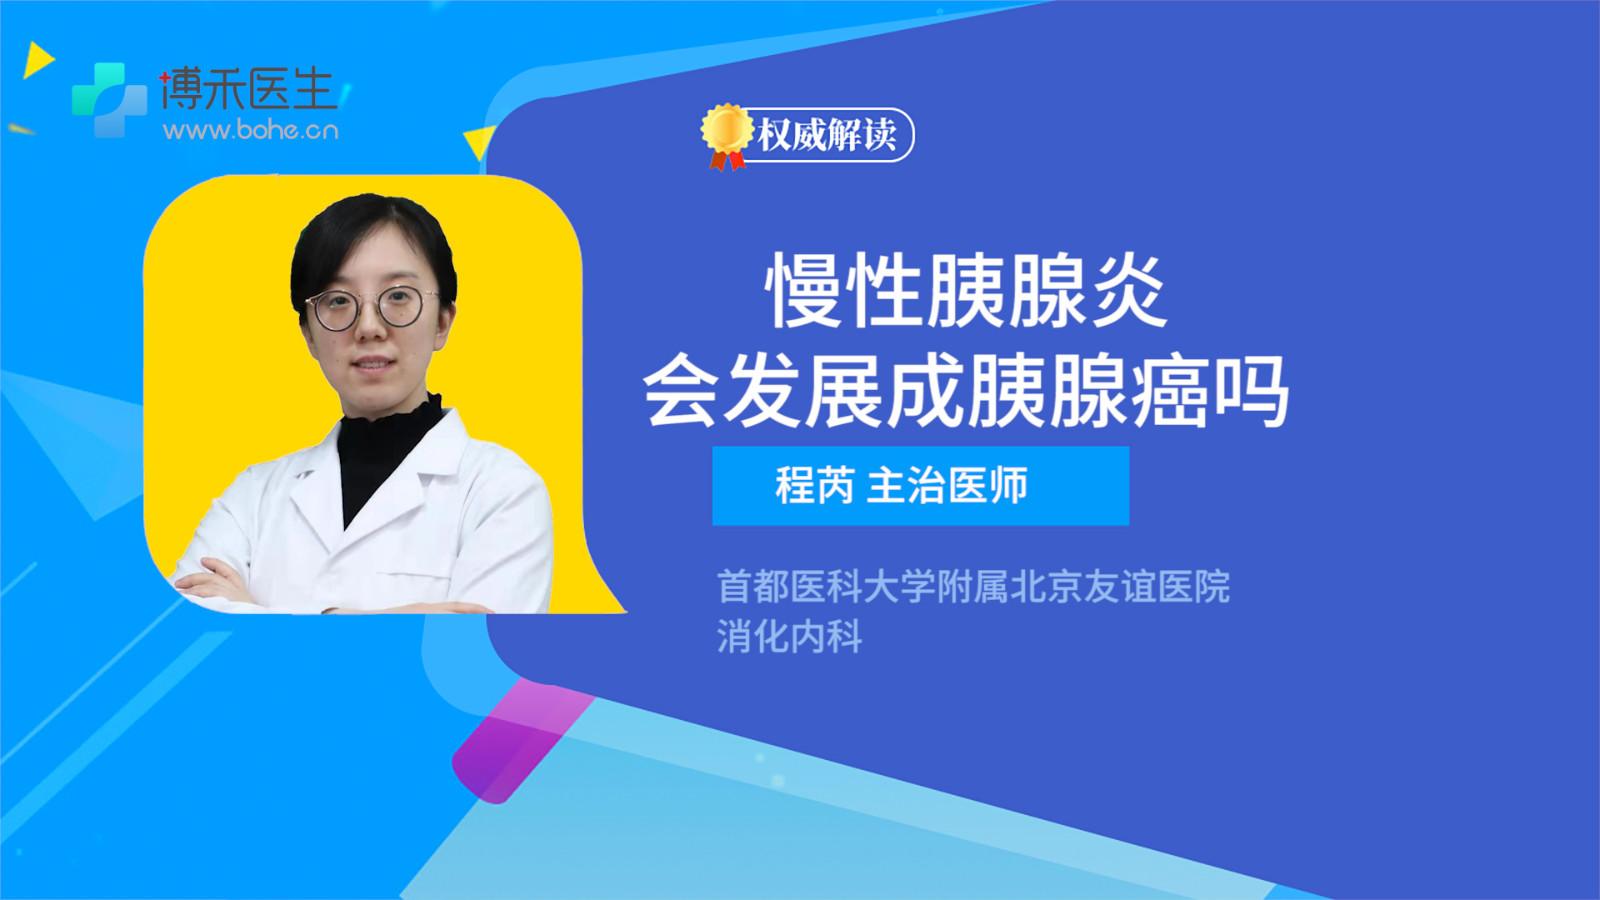 慢性胰腺炎會發展成胰腺癌嗎